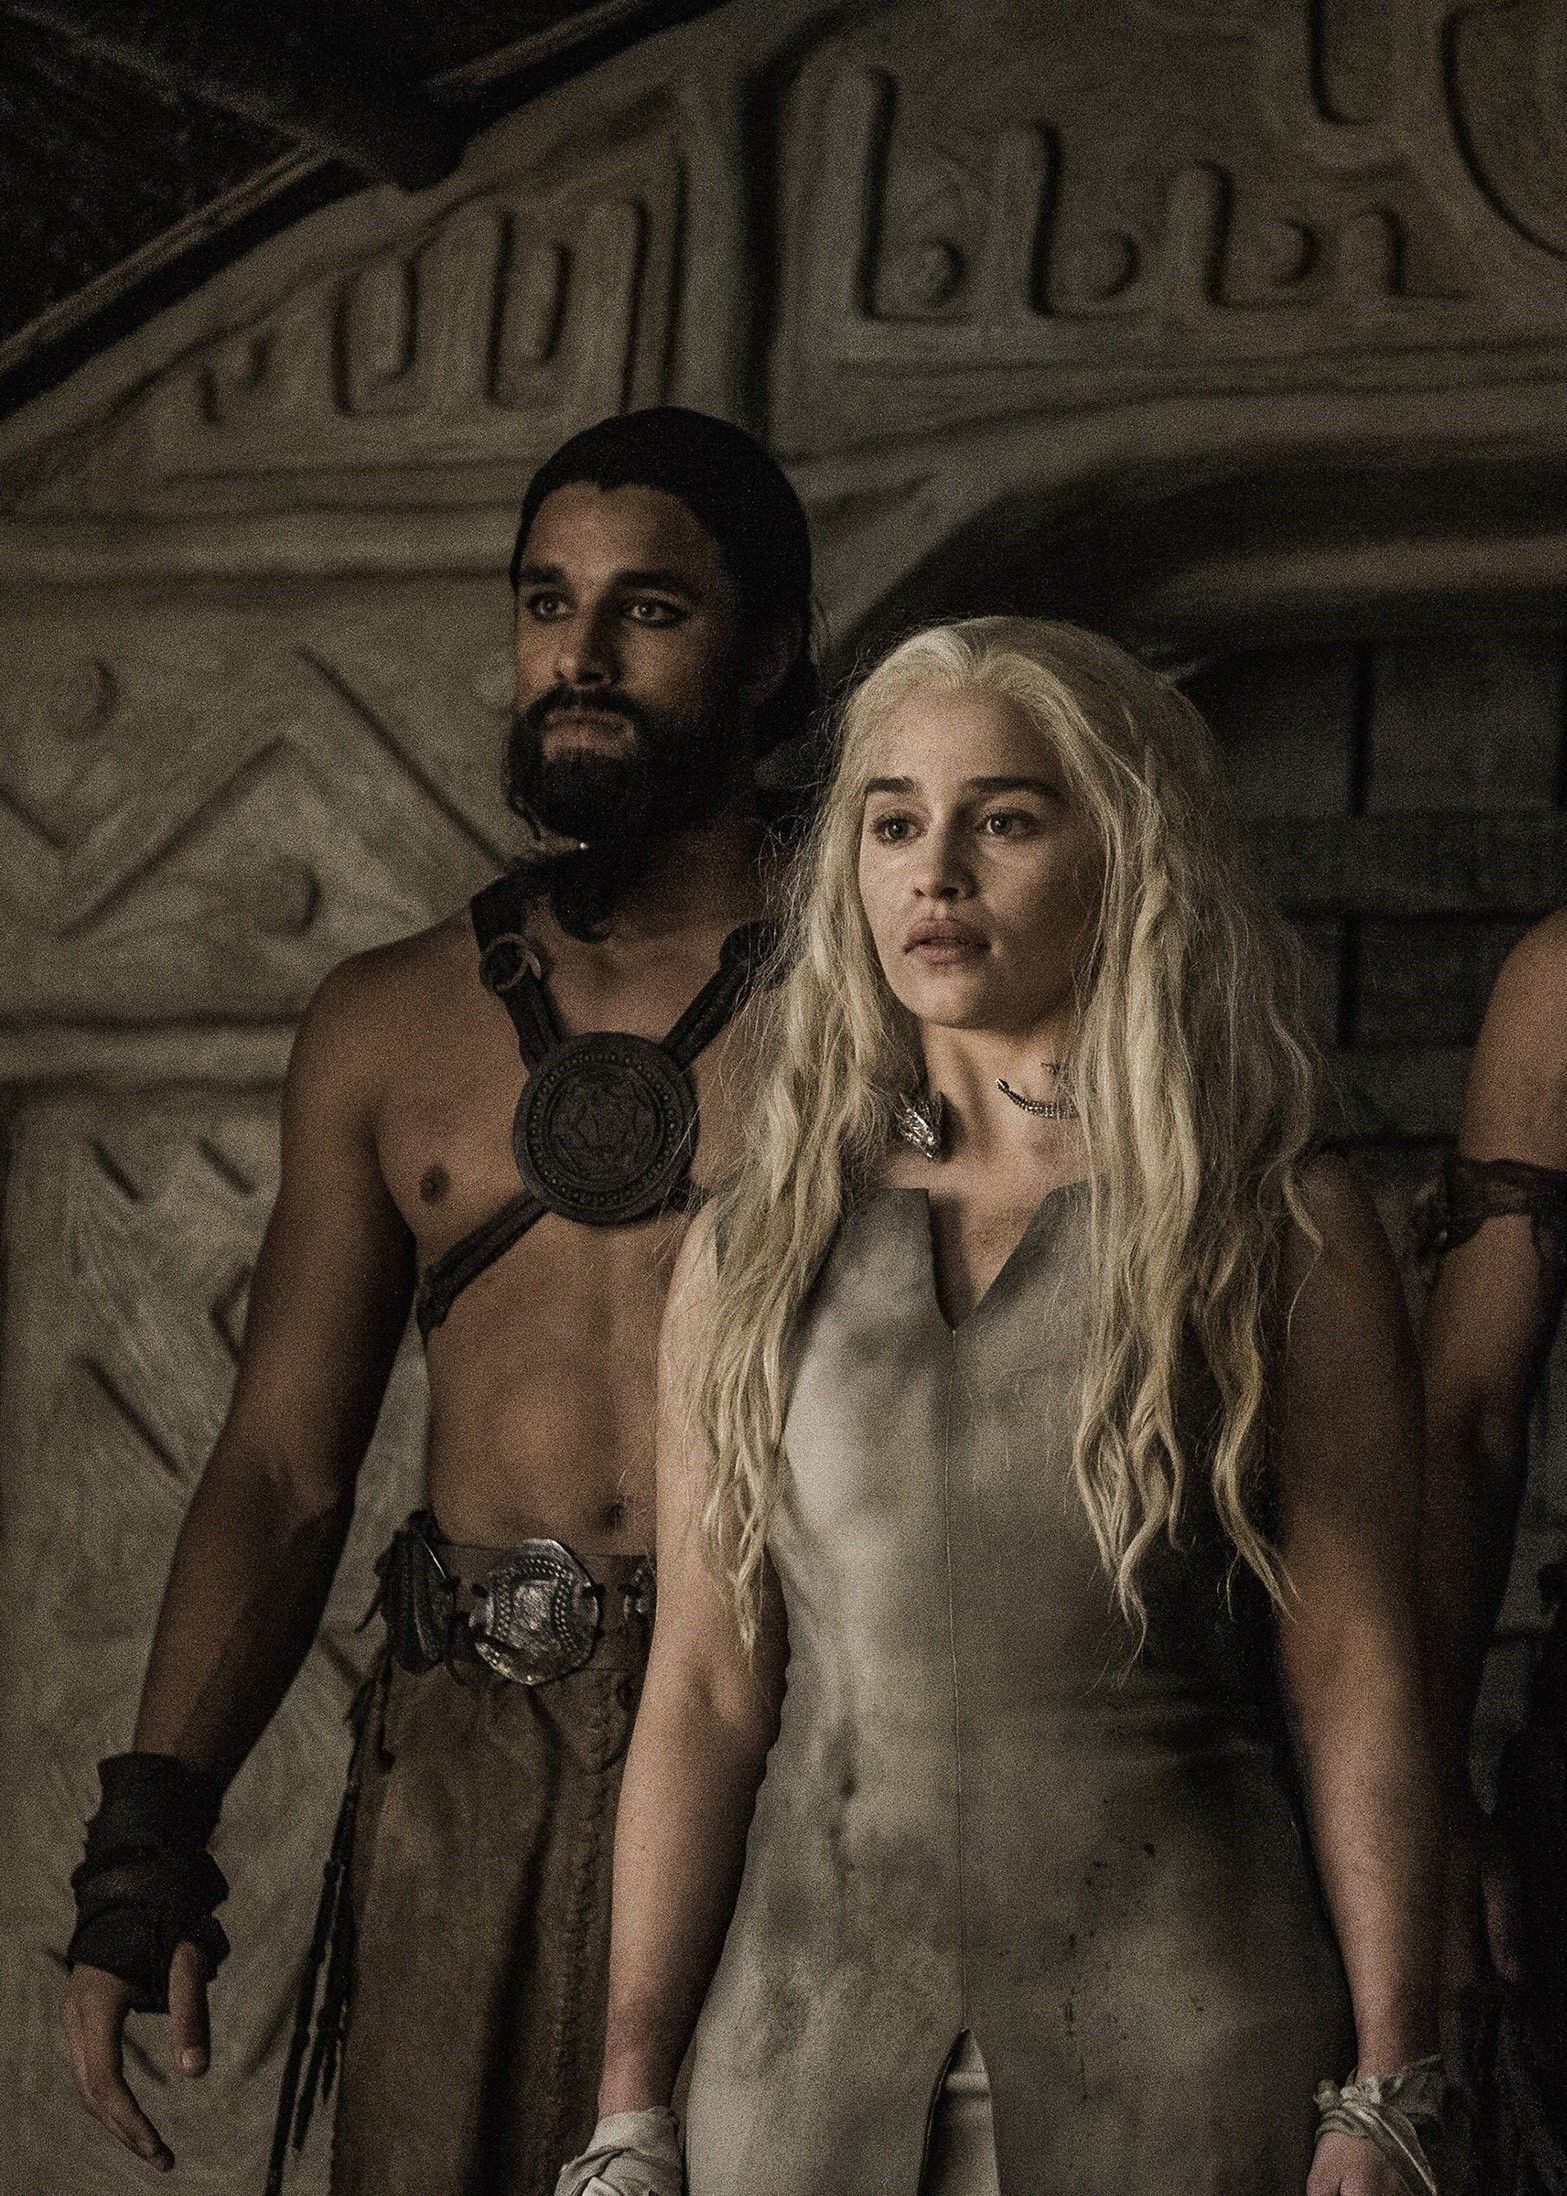 Game of Thrones pornostjerne gratis 6